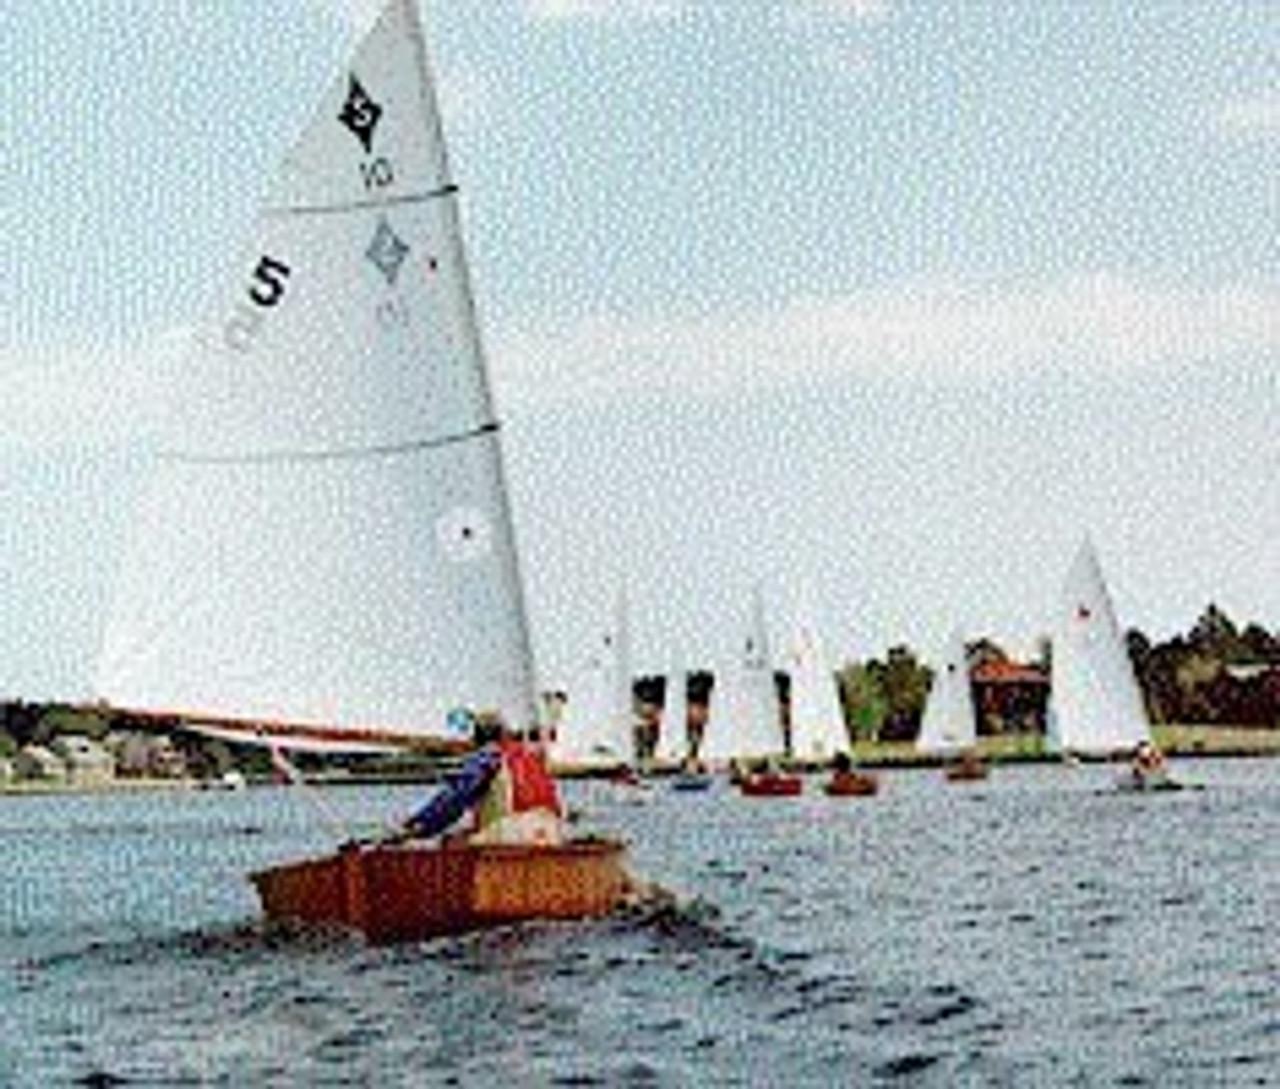 Spindrift 12 Reefing Mainsail